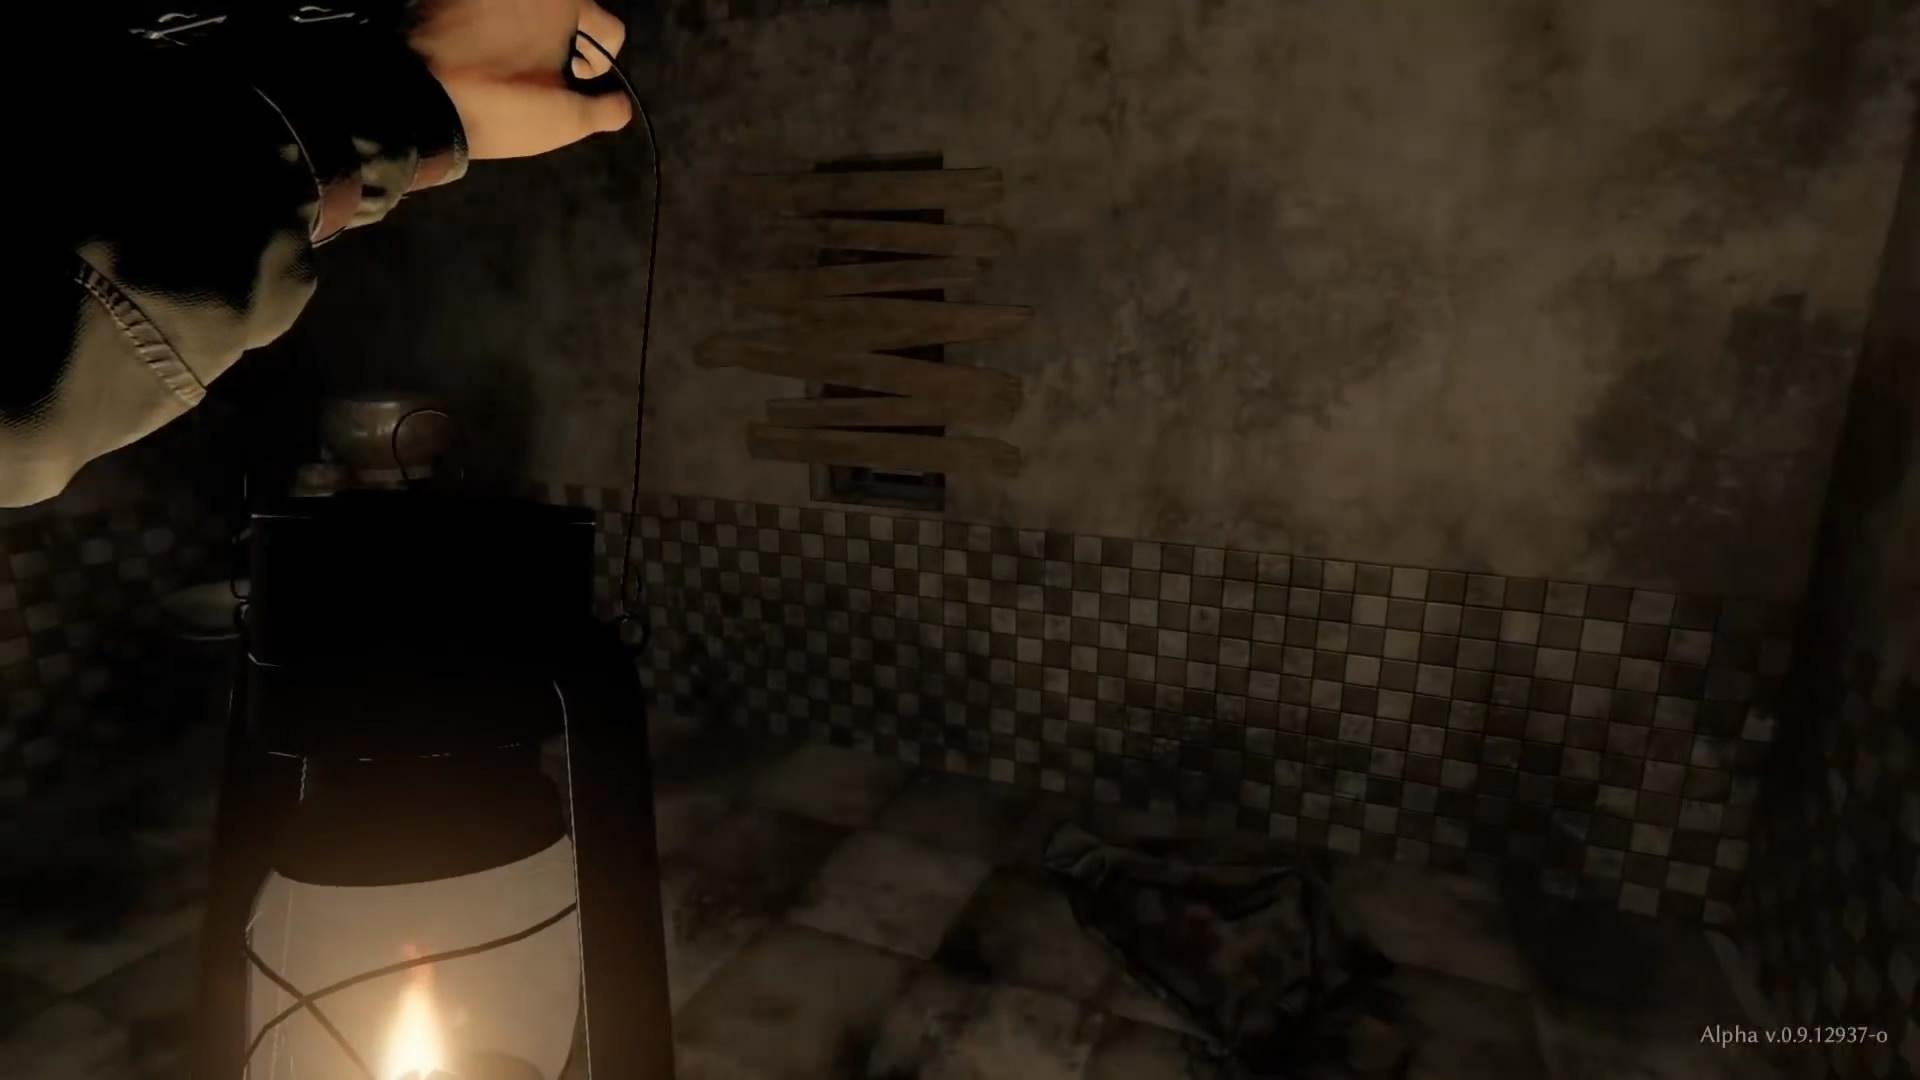 恐怖新作《瘟疫2》实机演示视频 气氛诡异吓人!